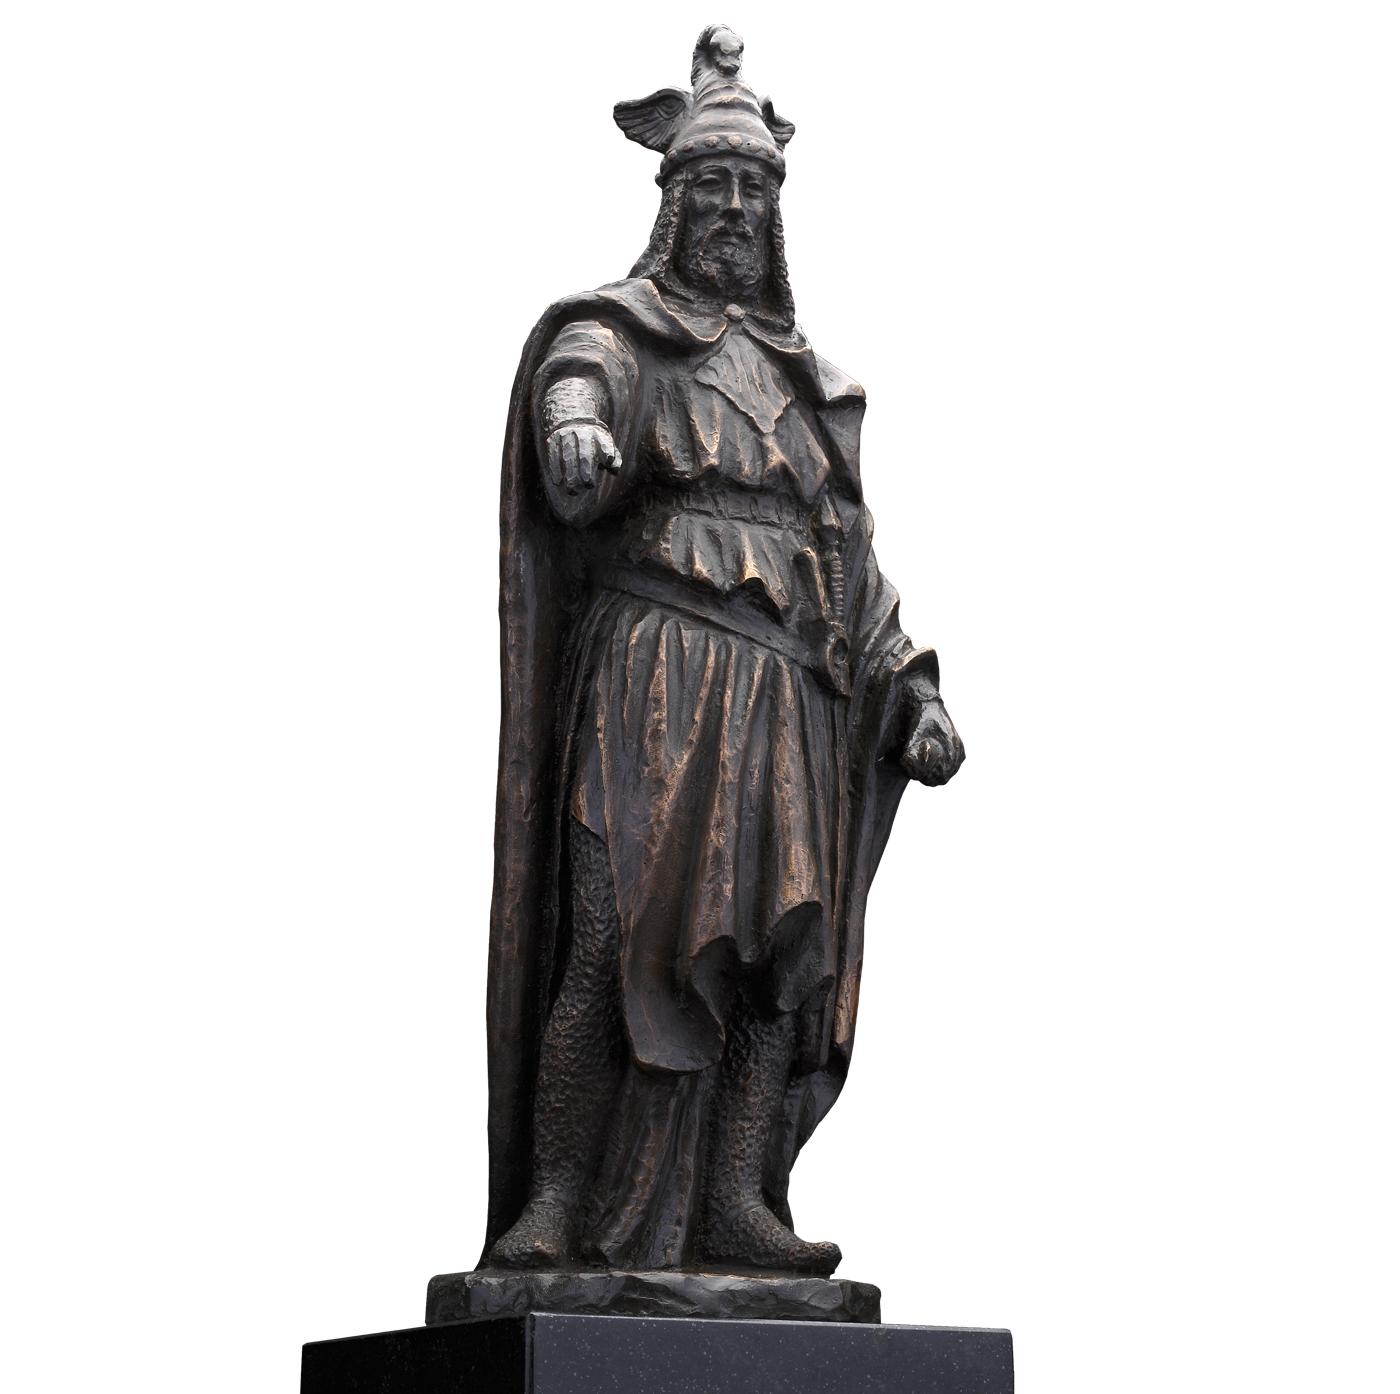 Escultura Jaime I el conquistador escultura historica madrid